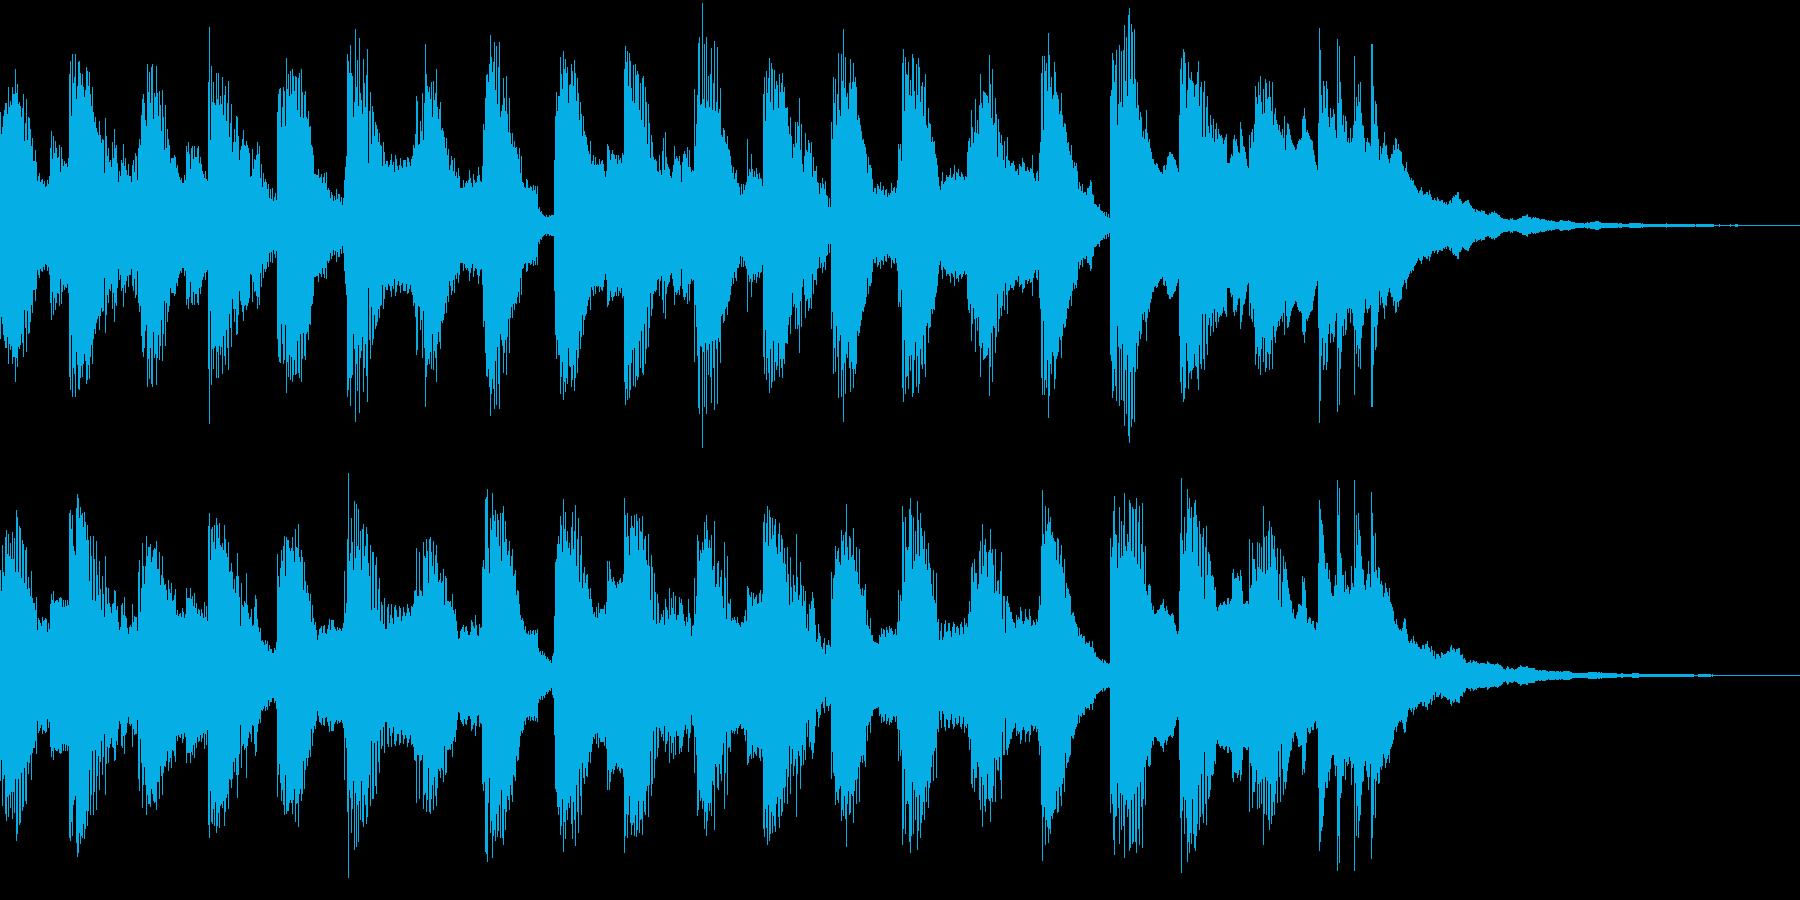 軽快で疾走感があるテクノ系のシンセ曲の再生済みの波形